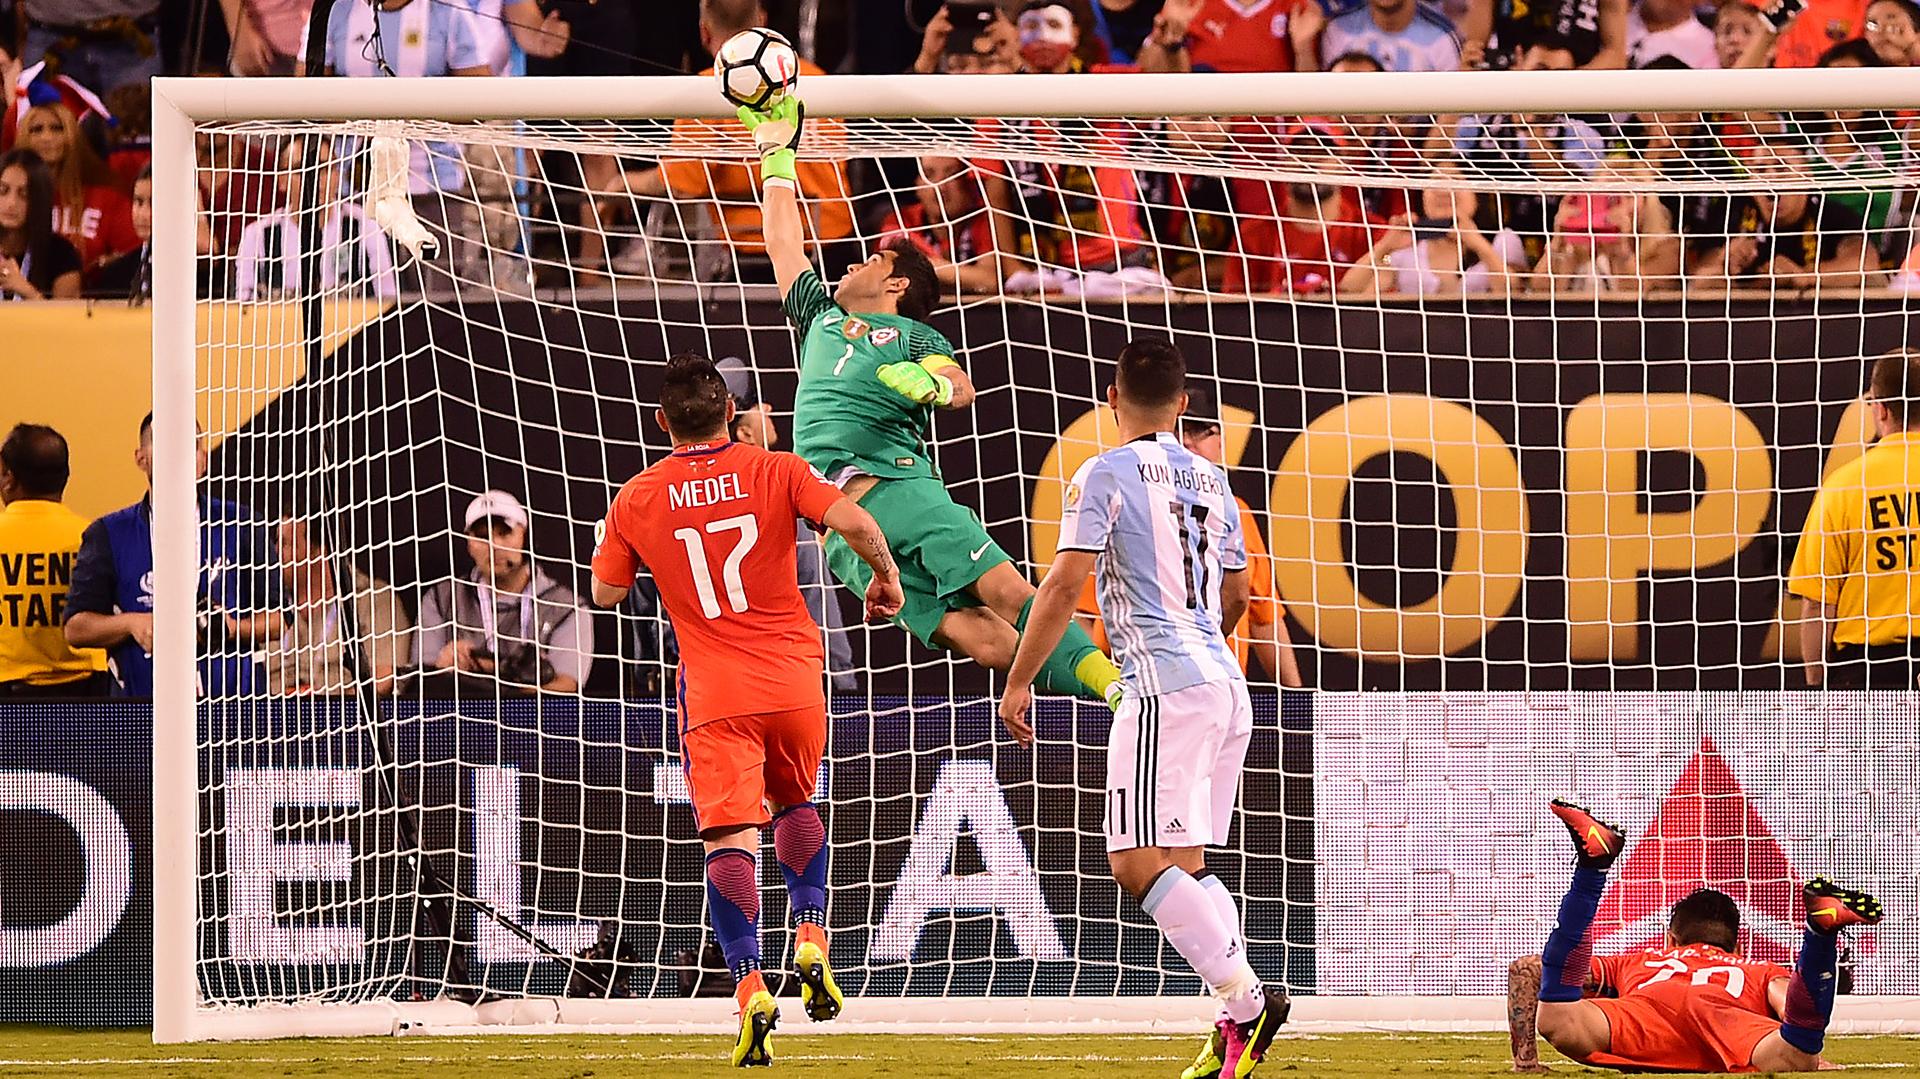 Espectacular atajada de Claudio Bravo, luego de un cabezazo de Sergio Agüero (AFP)